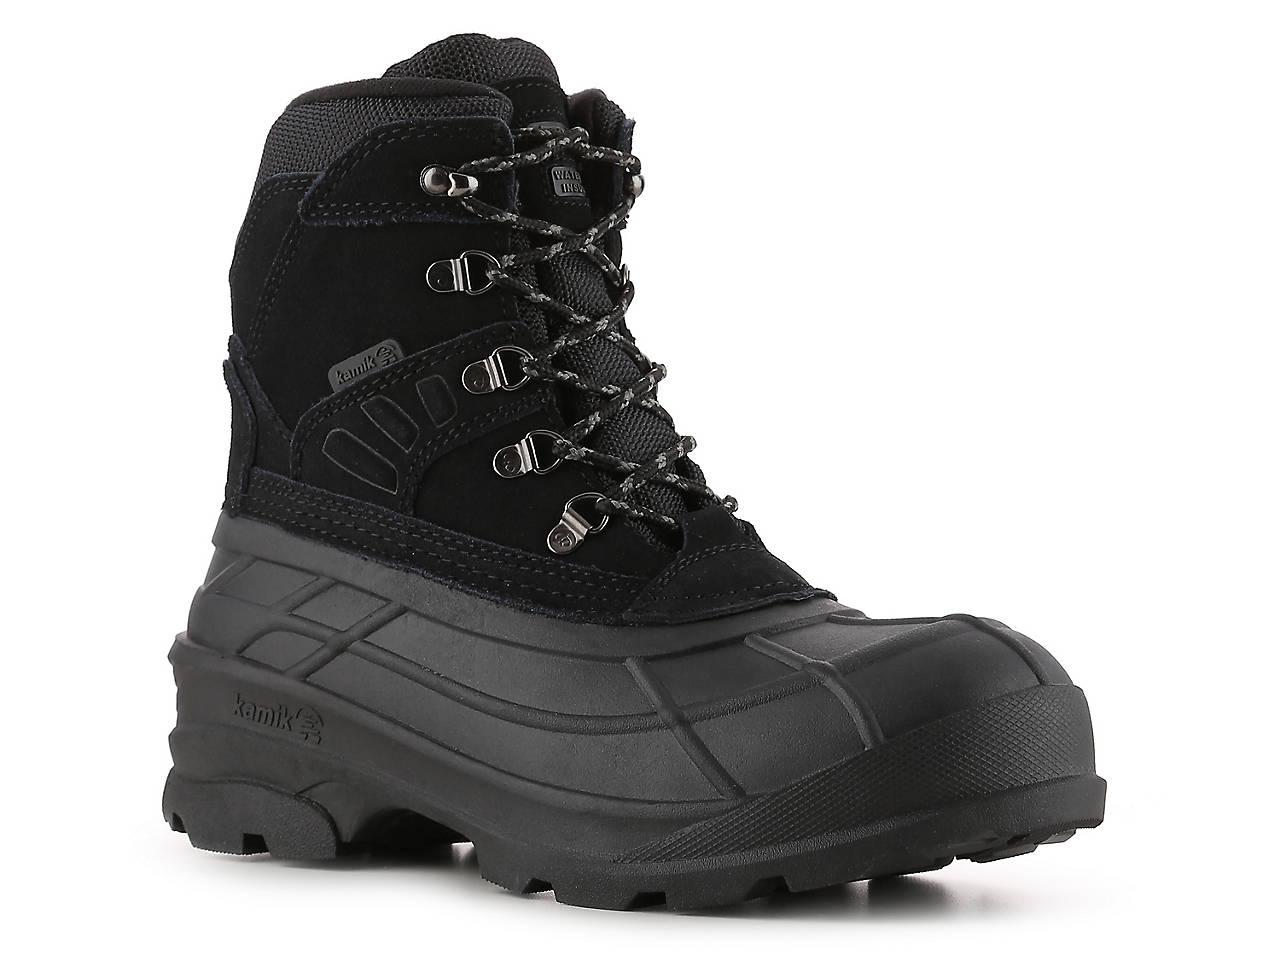 a9a6f8d9c69 Fargo Pack Snow Boot